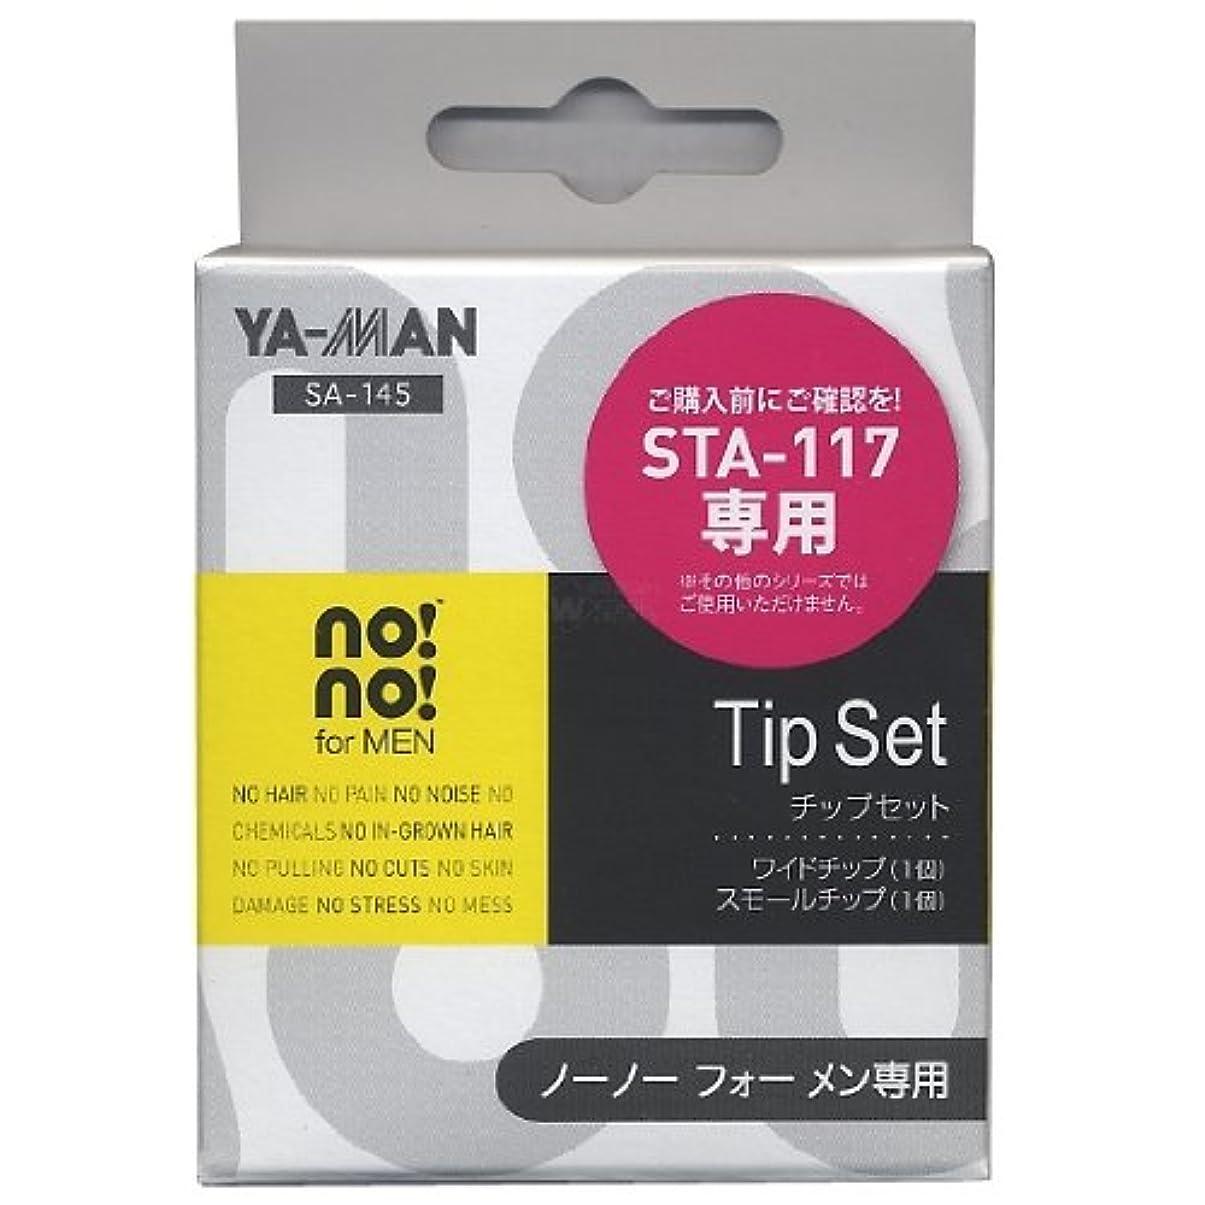 輸血急速な序文ヤーマン ノーノーフォーメン 専用 ブレードチップセット ワイド×1 スモール×1 SA-145